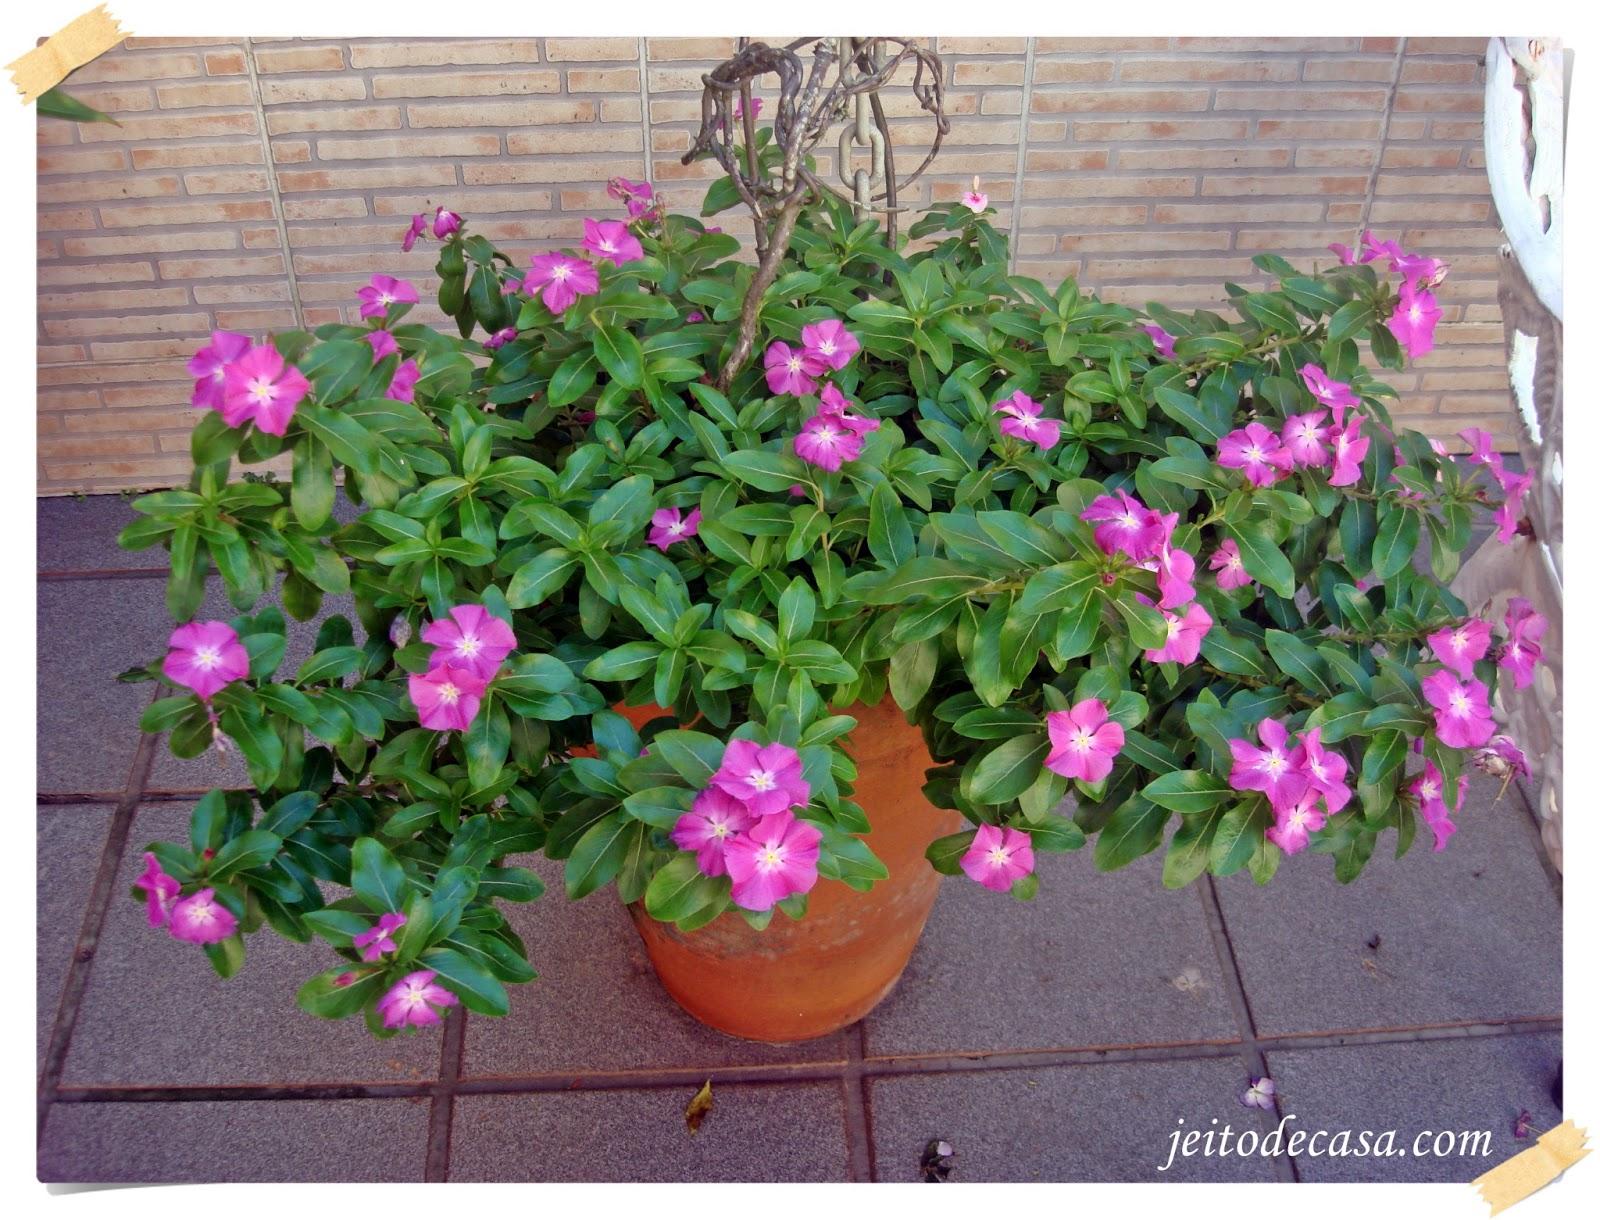 flores jardim perenes : flores jardim perenes: interiores Arquitetura e Estilo pessoal: Vinca, uma flor voluntariosa